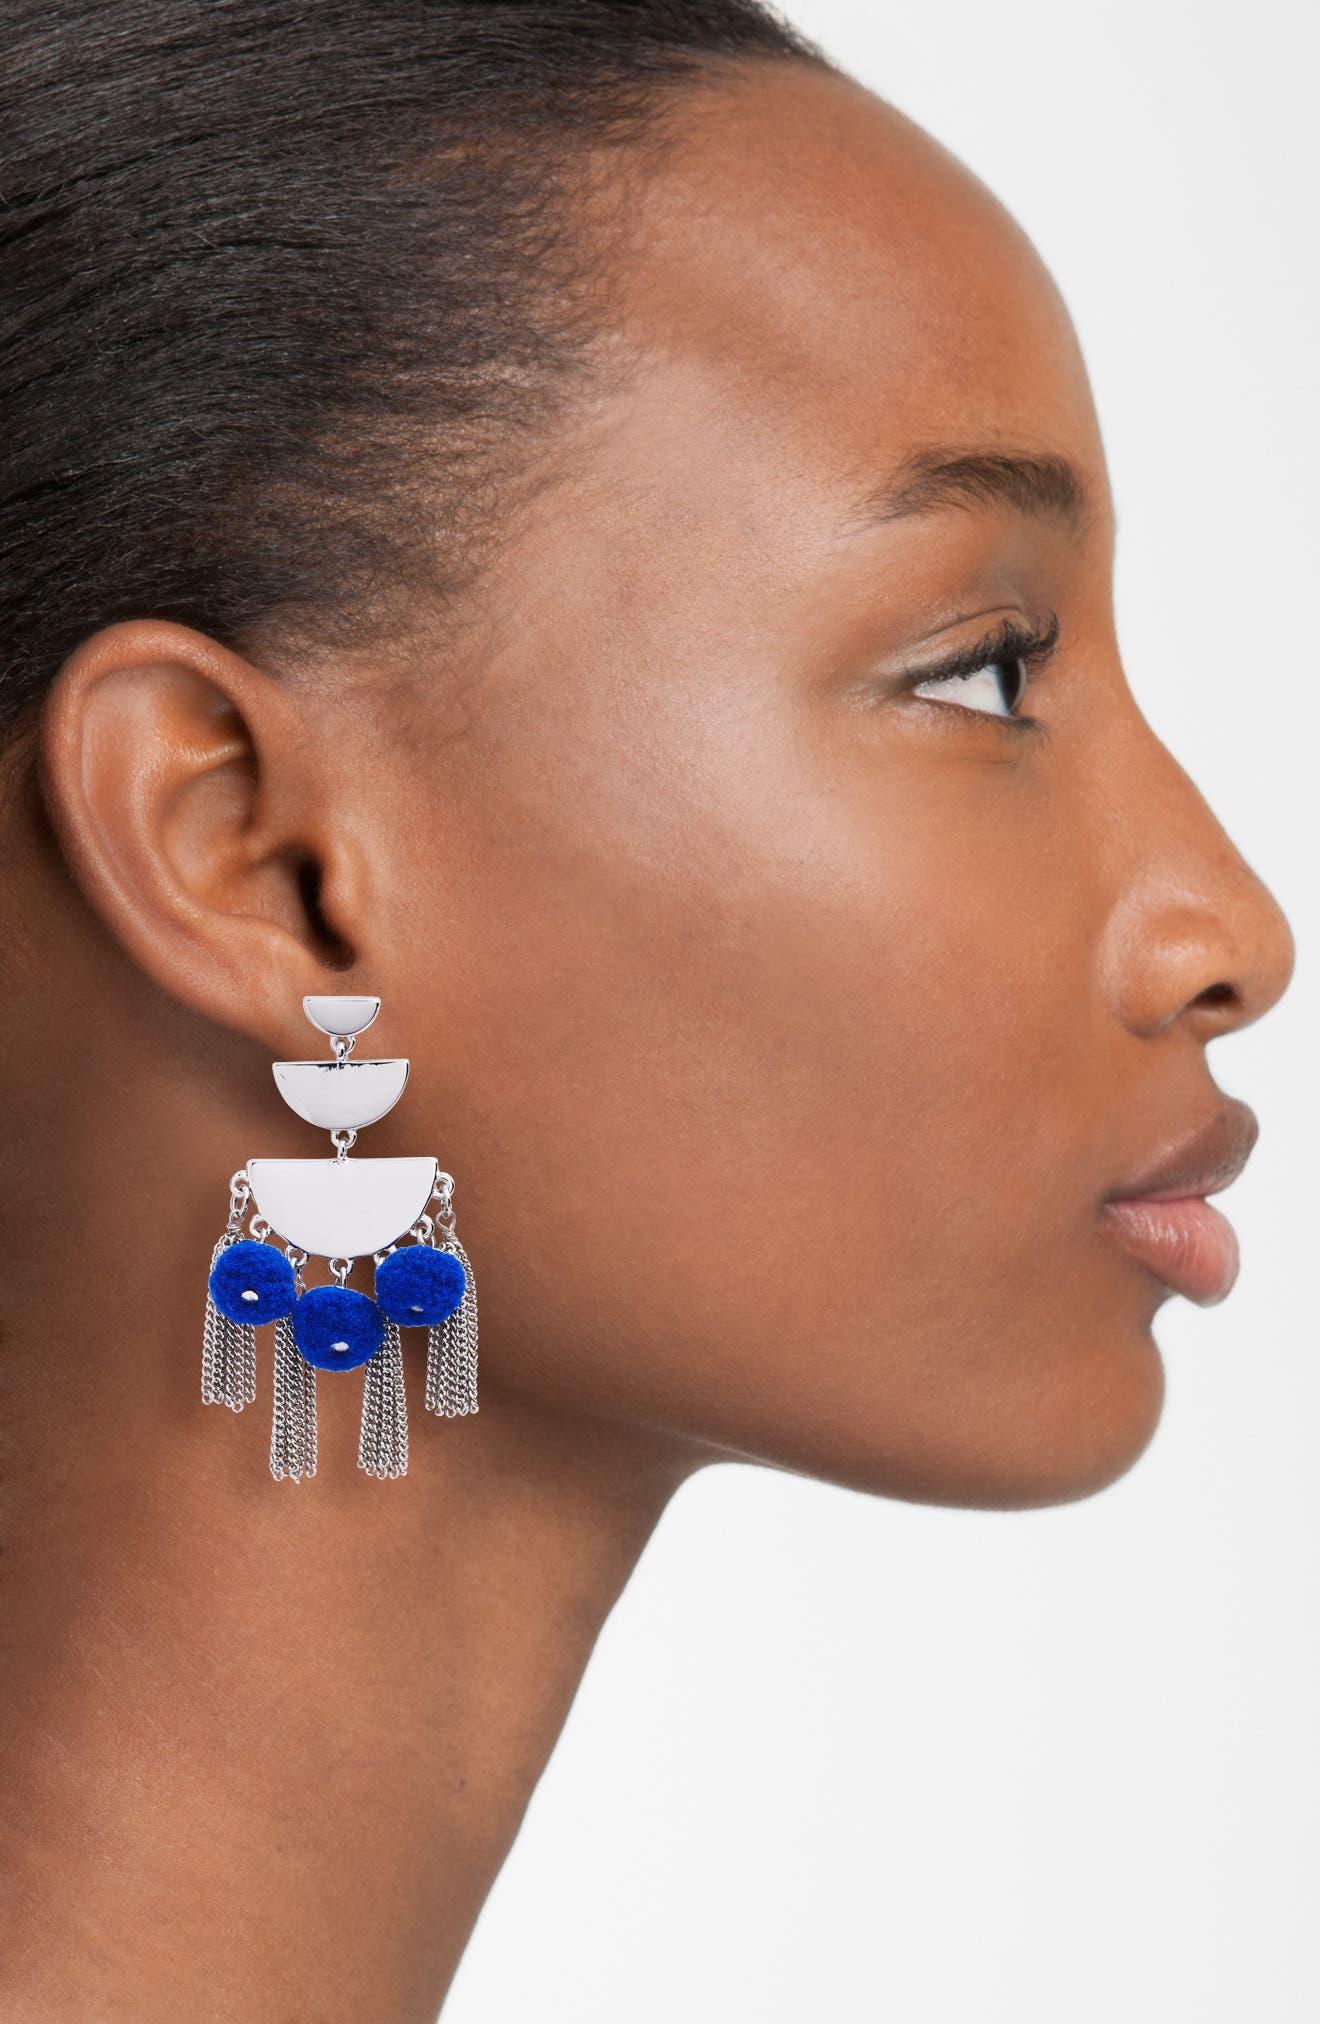 Triple Tier Chandelier Earrings,                             Alternate thumbnail 2, color,                             400